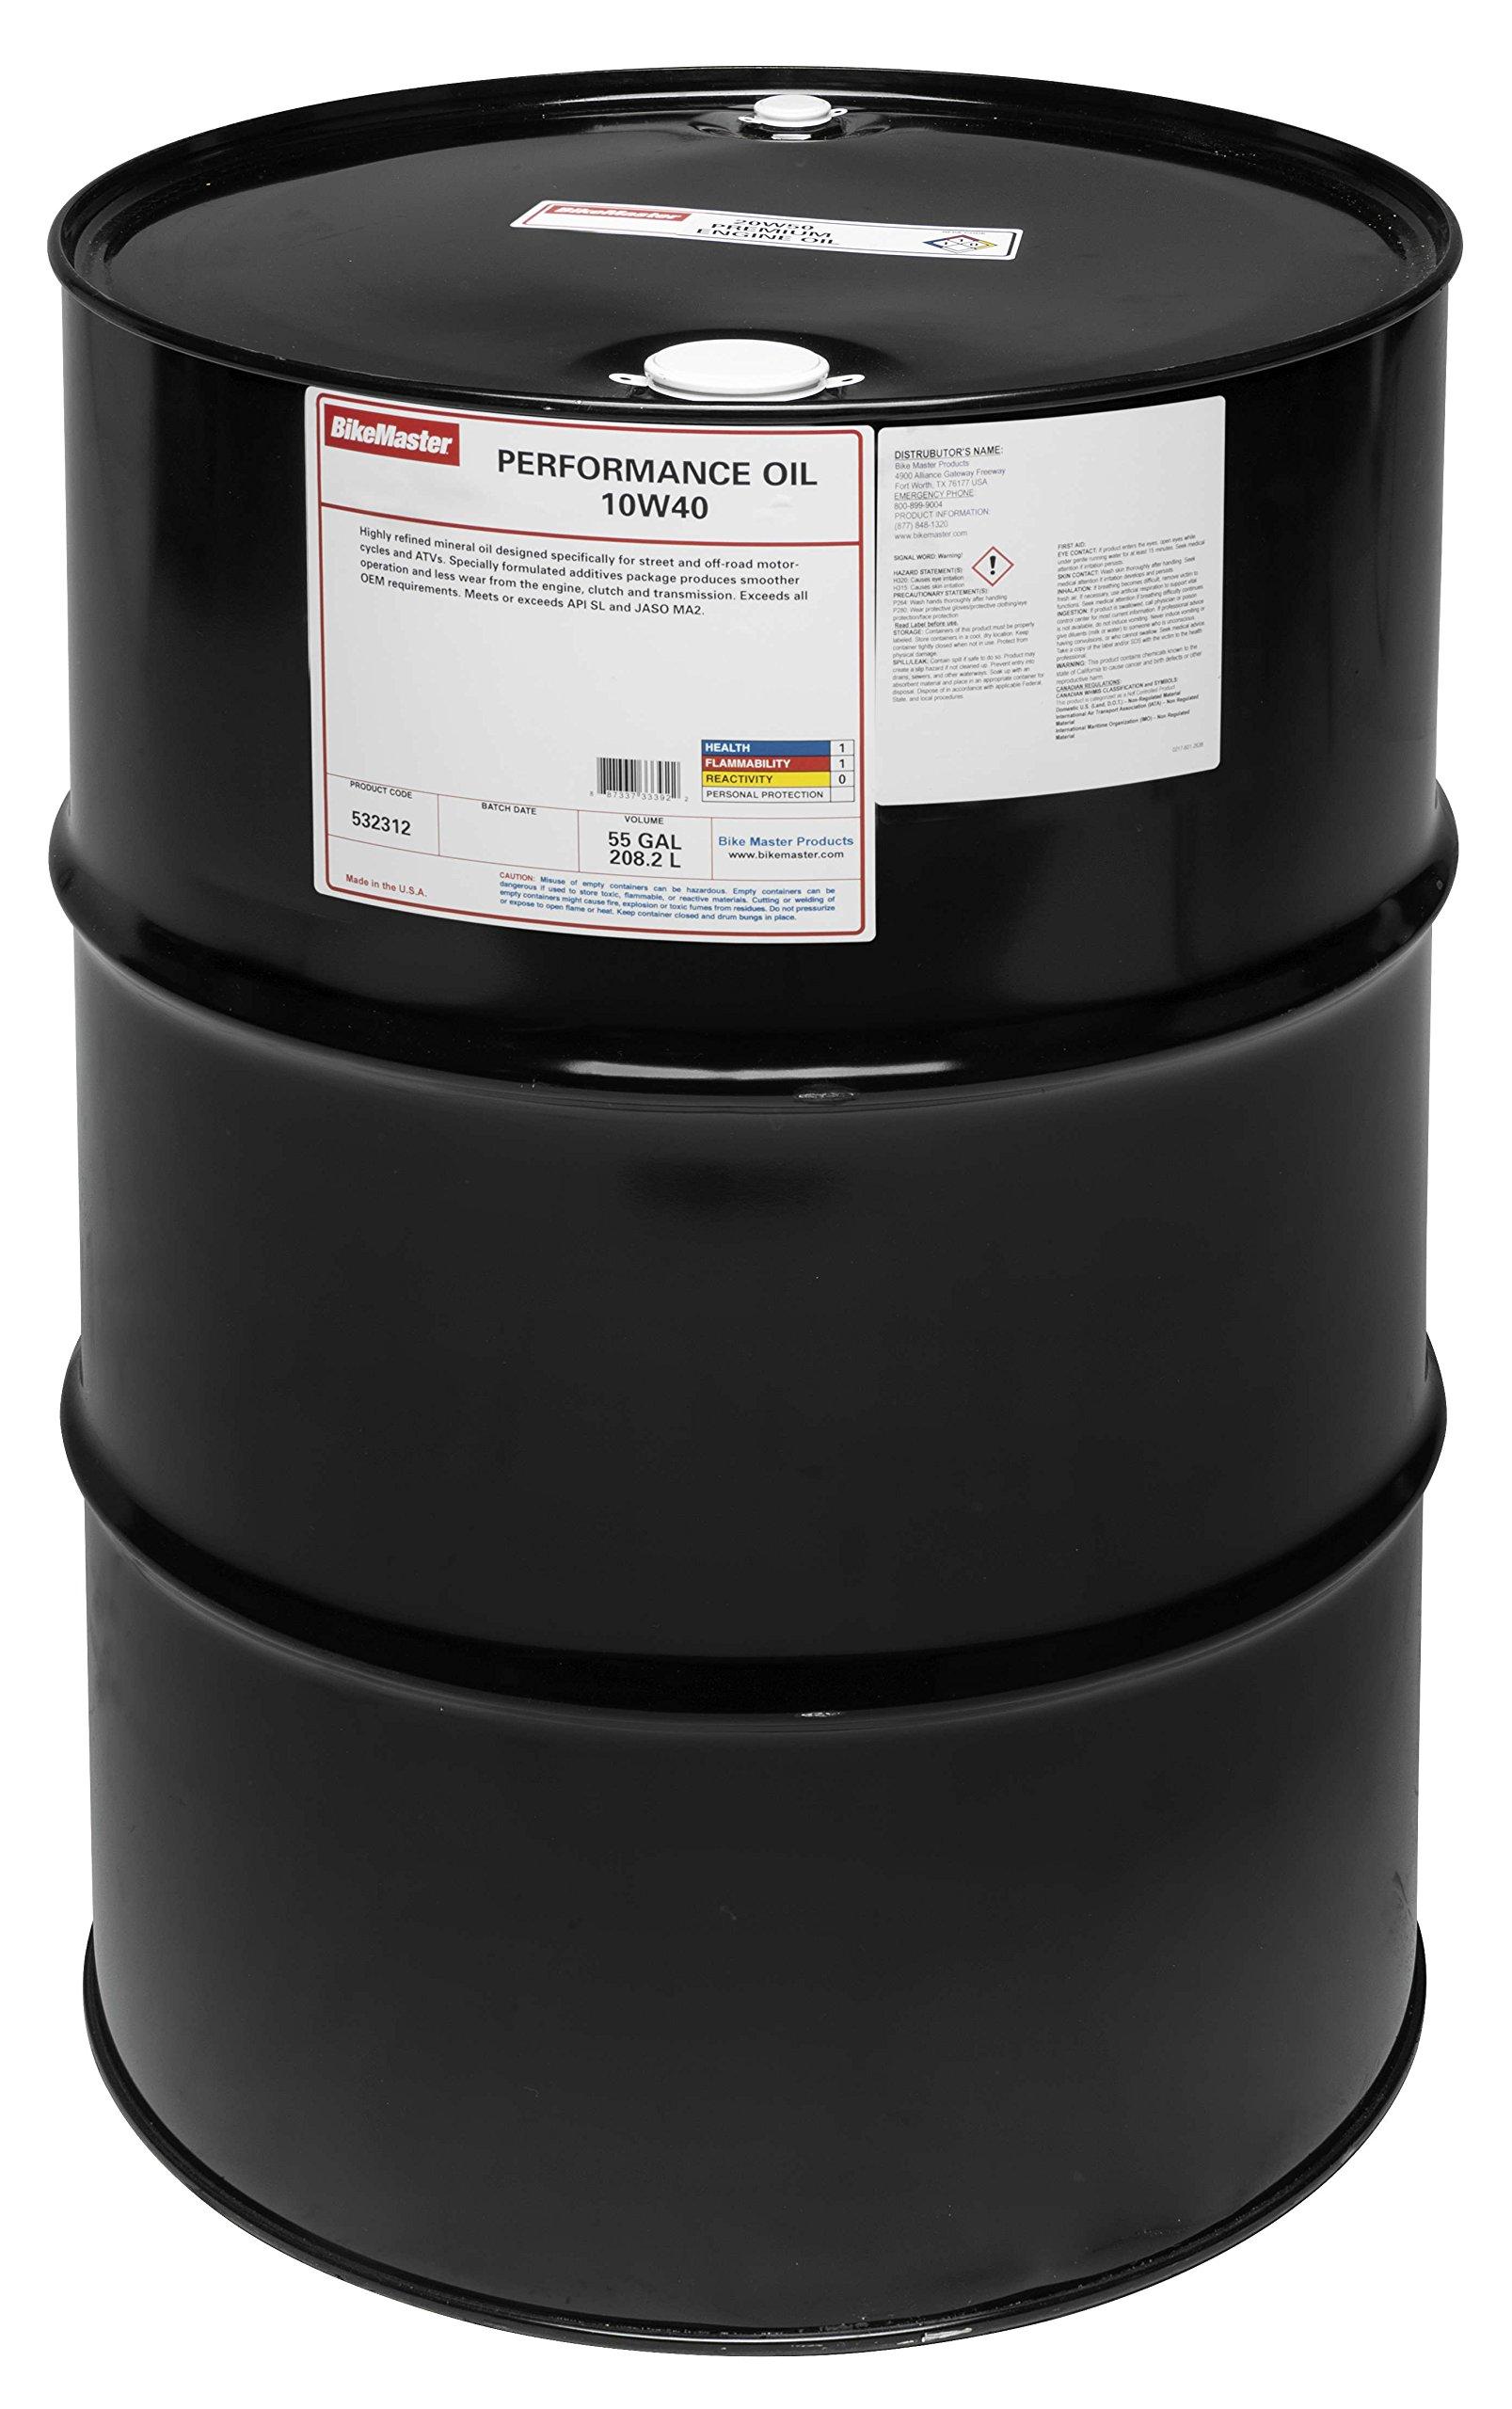 Bm Perf M/C Oil 10W40 55G